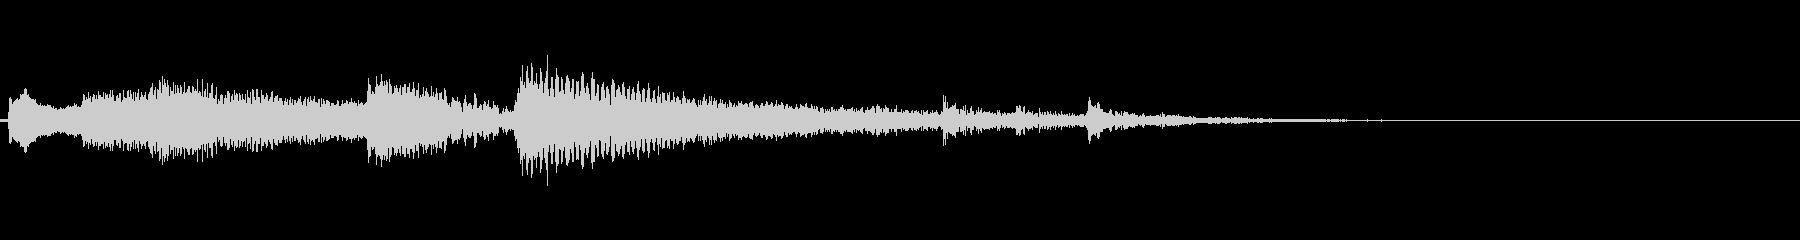 ナイロンギターのアイキャッチ(爽やか)の未再生の波形